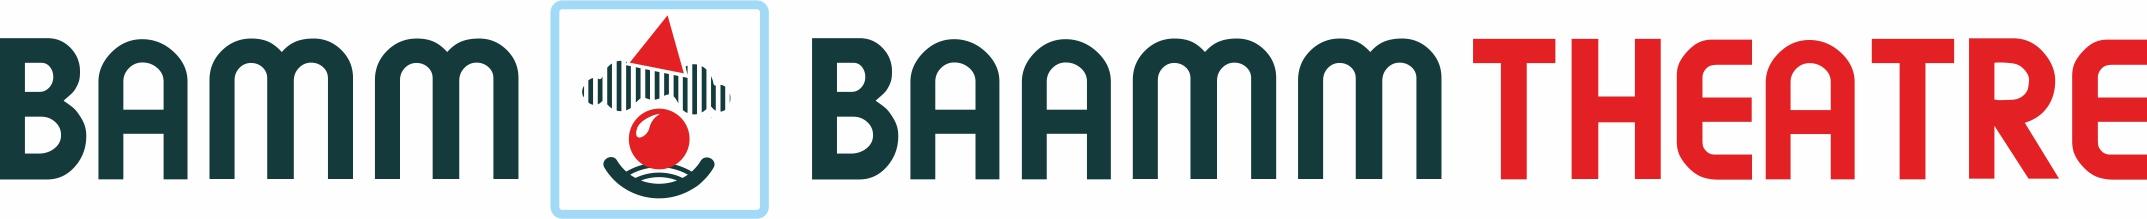 BAMM BAAMM THEATRE